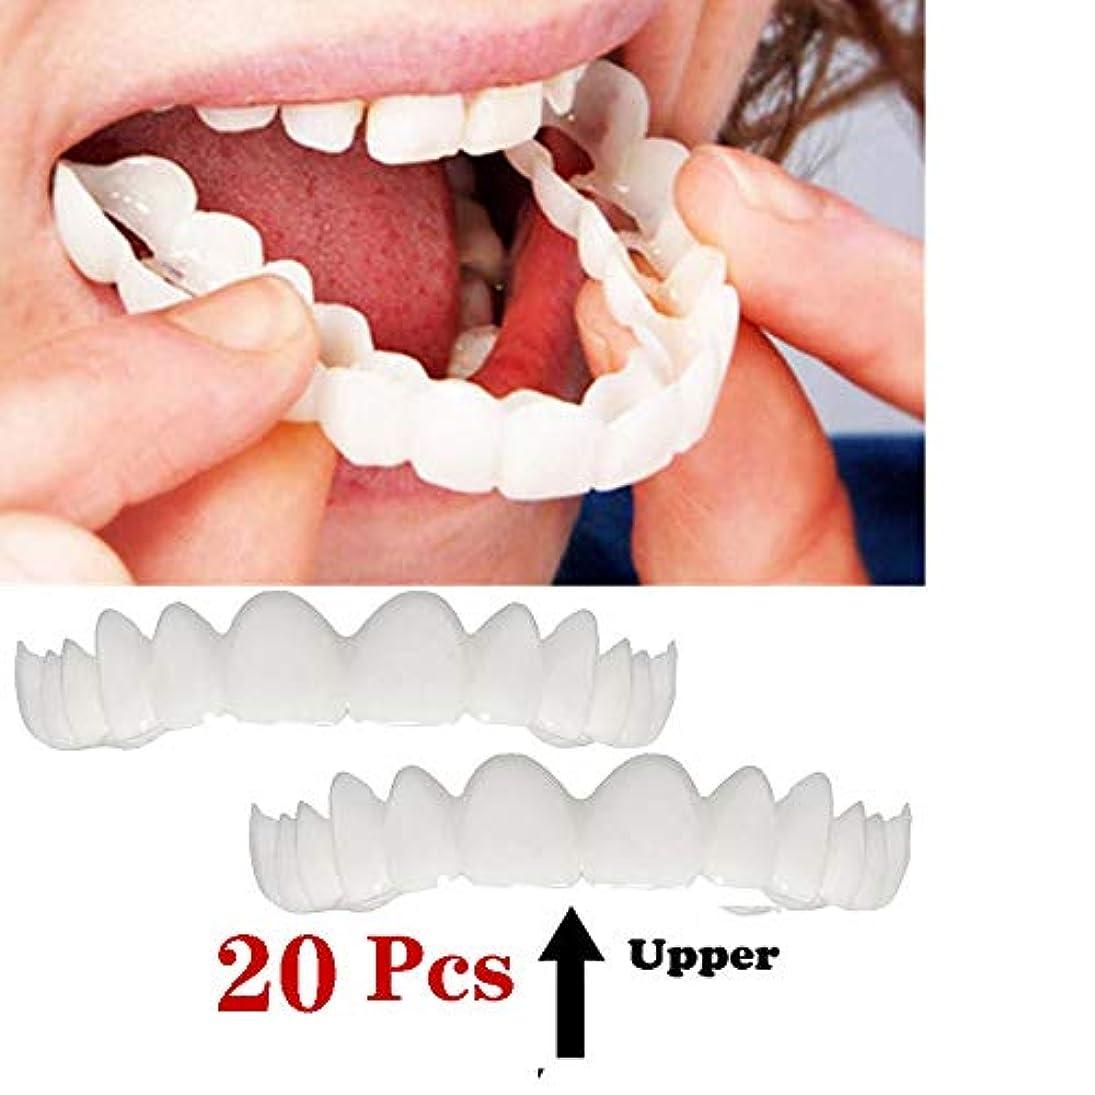 タービン魔術徴収笑顔の義歯フィットフレックス化粧品の歯快適なベニヤカバー歯のスナップを白くする笑顔の歯化粧品の義歯、化粧品の歯20個